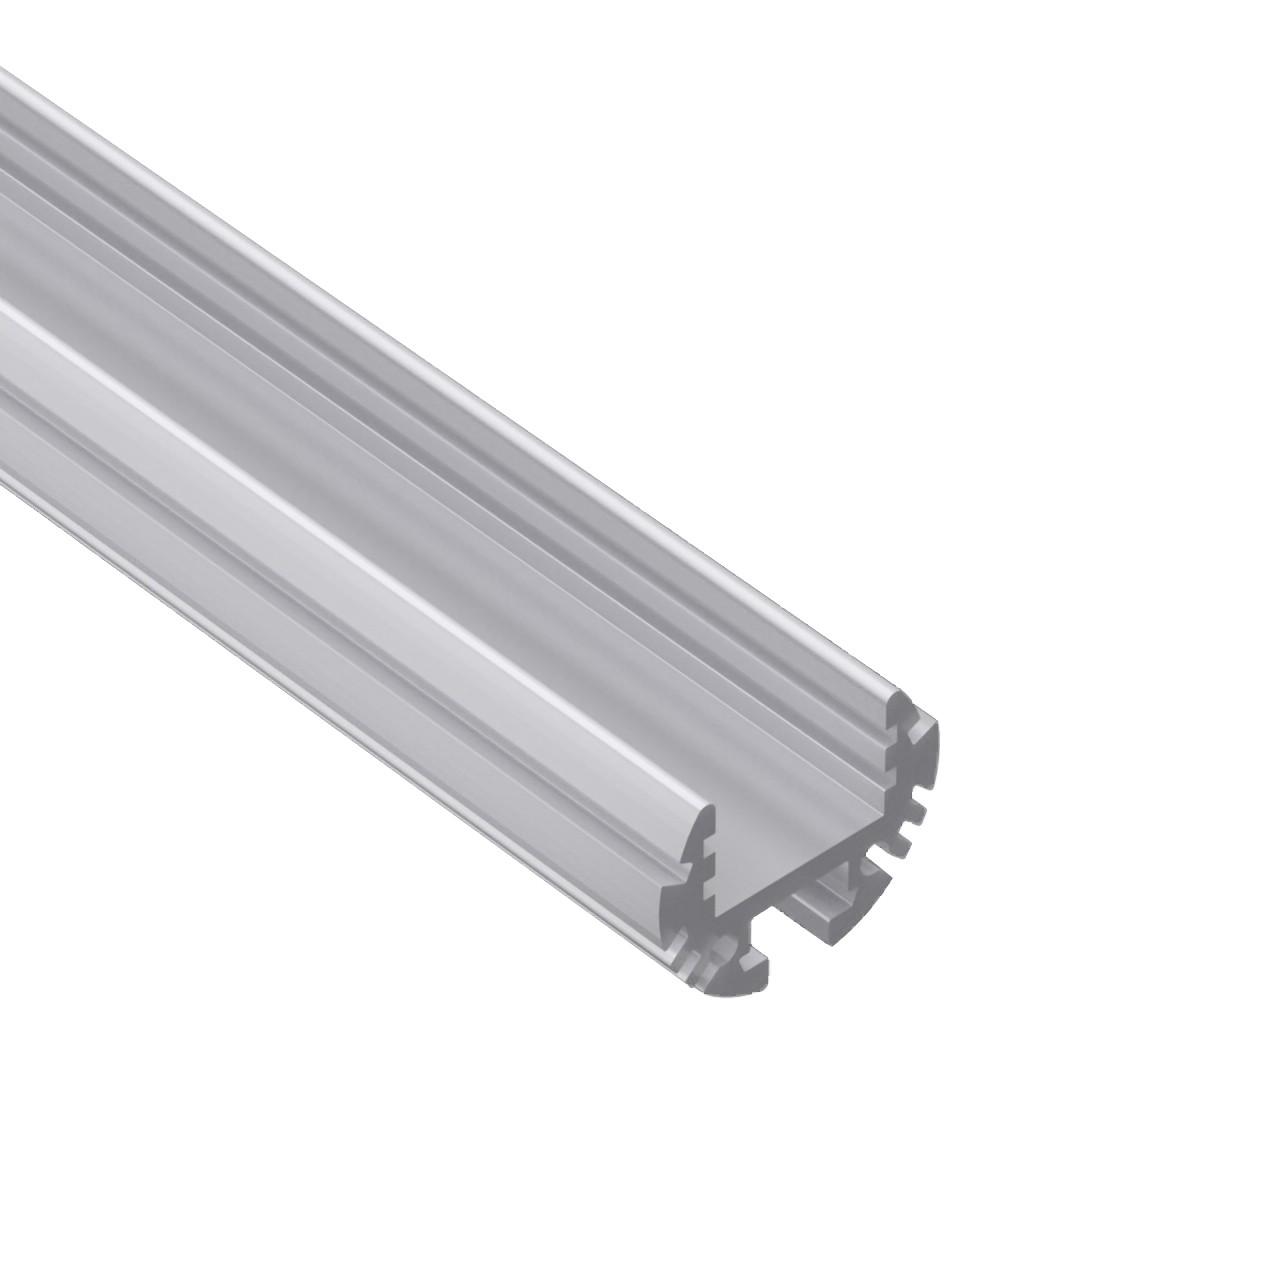 ROUND24 suspendido perfil redondo LED para la tira llevada de 24 mm de diámetro